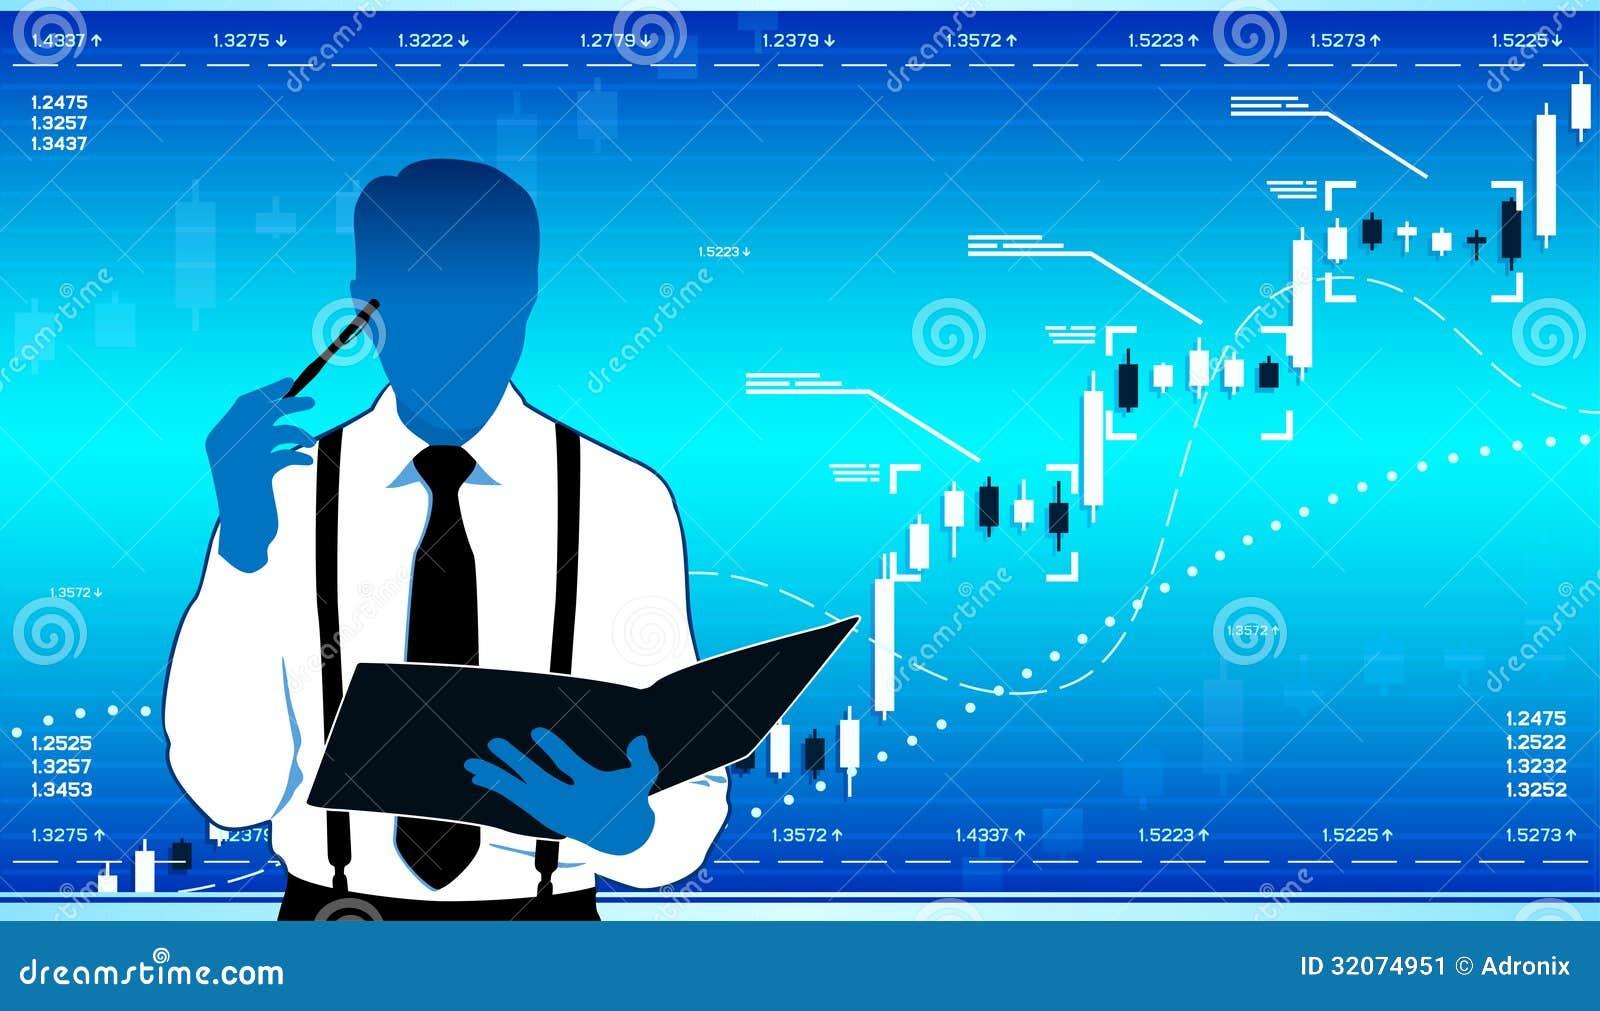 analyste d u0026 39 affaires illustration de vecteur  illustration du donn u00e9es